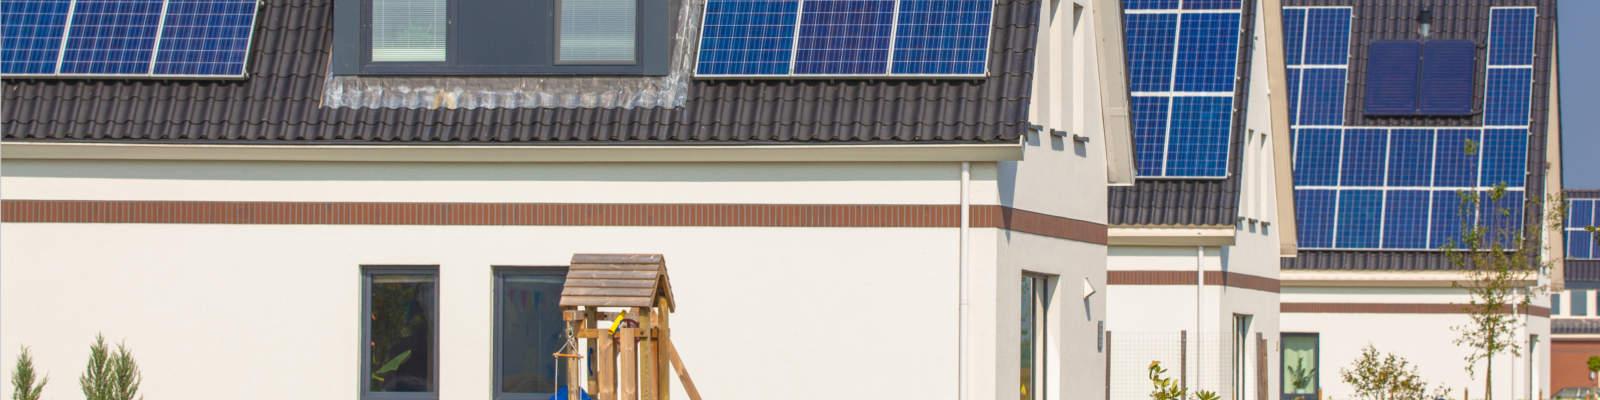 Solaranlagen auf Dächern